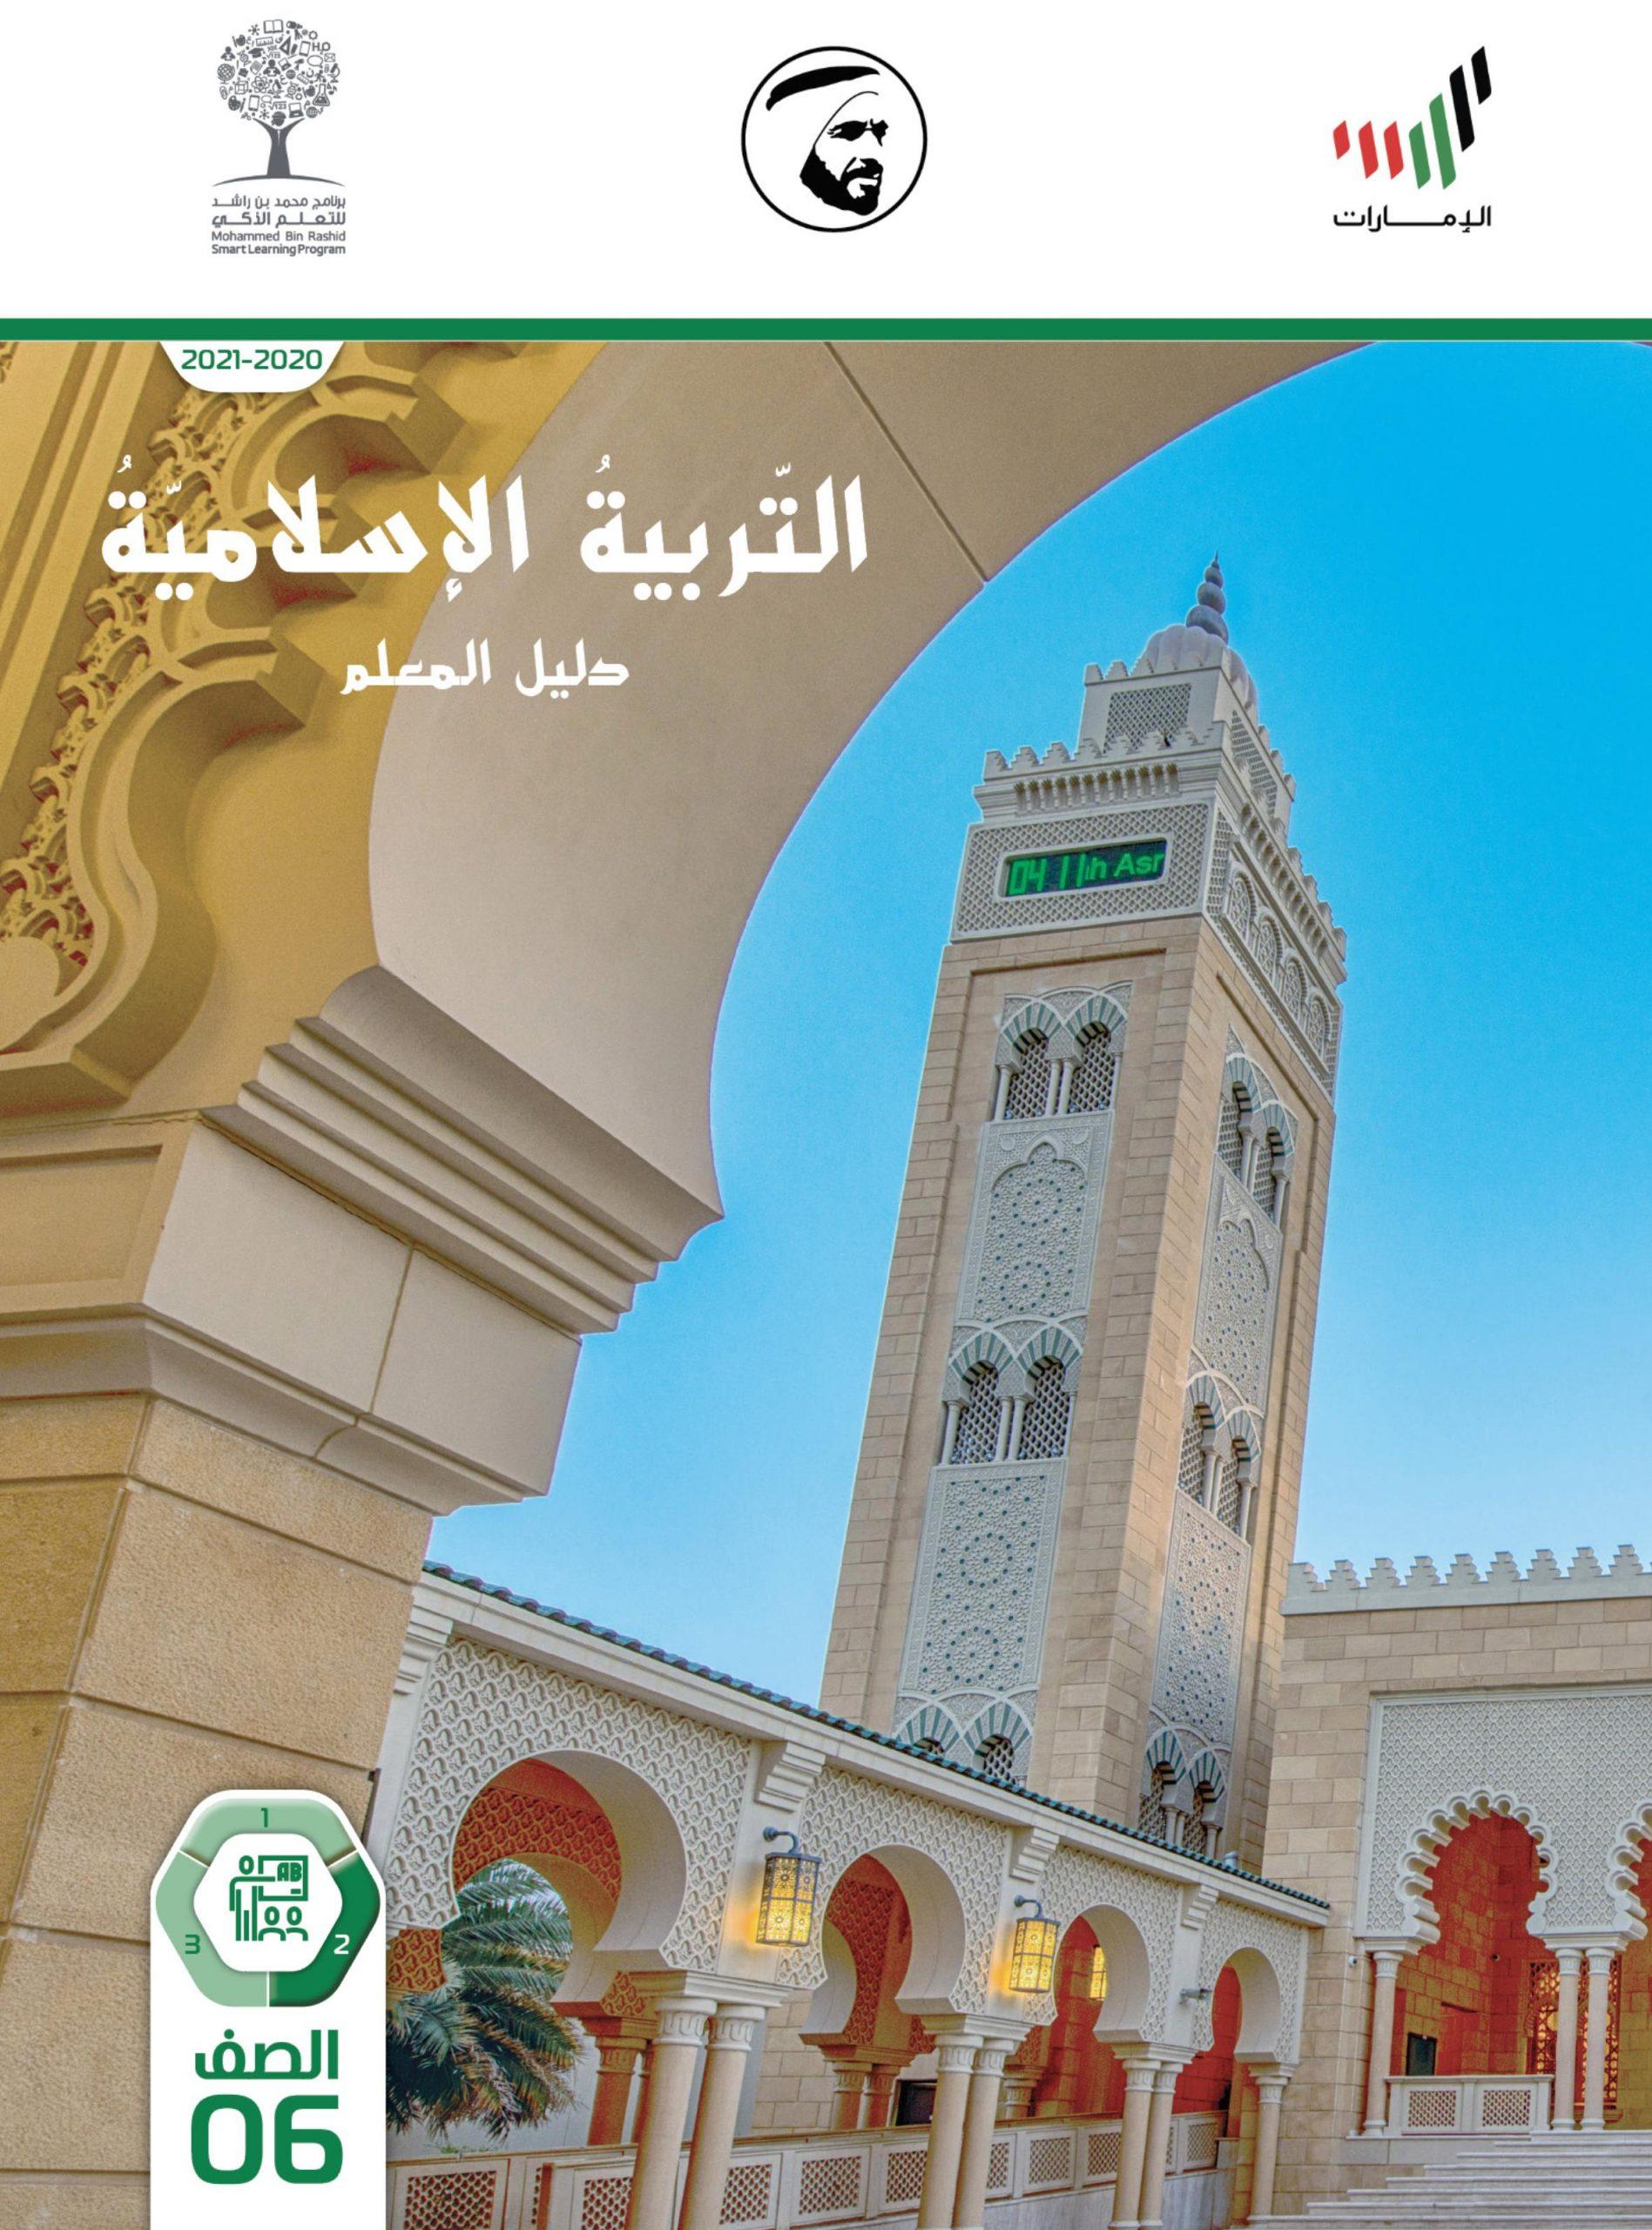 دليل المعلم الفصل الدراسي الثاني 2020-2021 الصف السادس مادة التربية الاسلامية